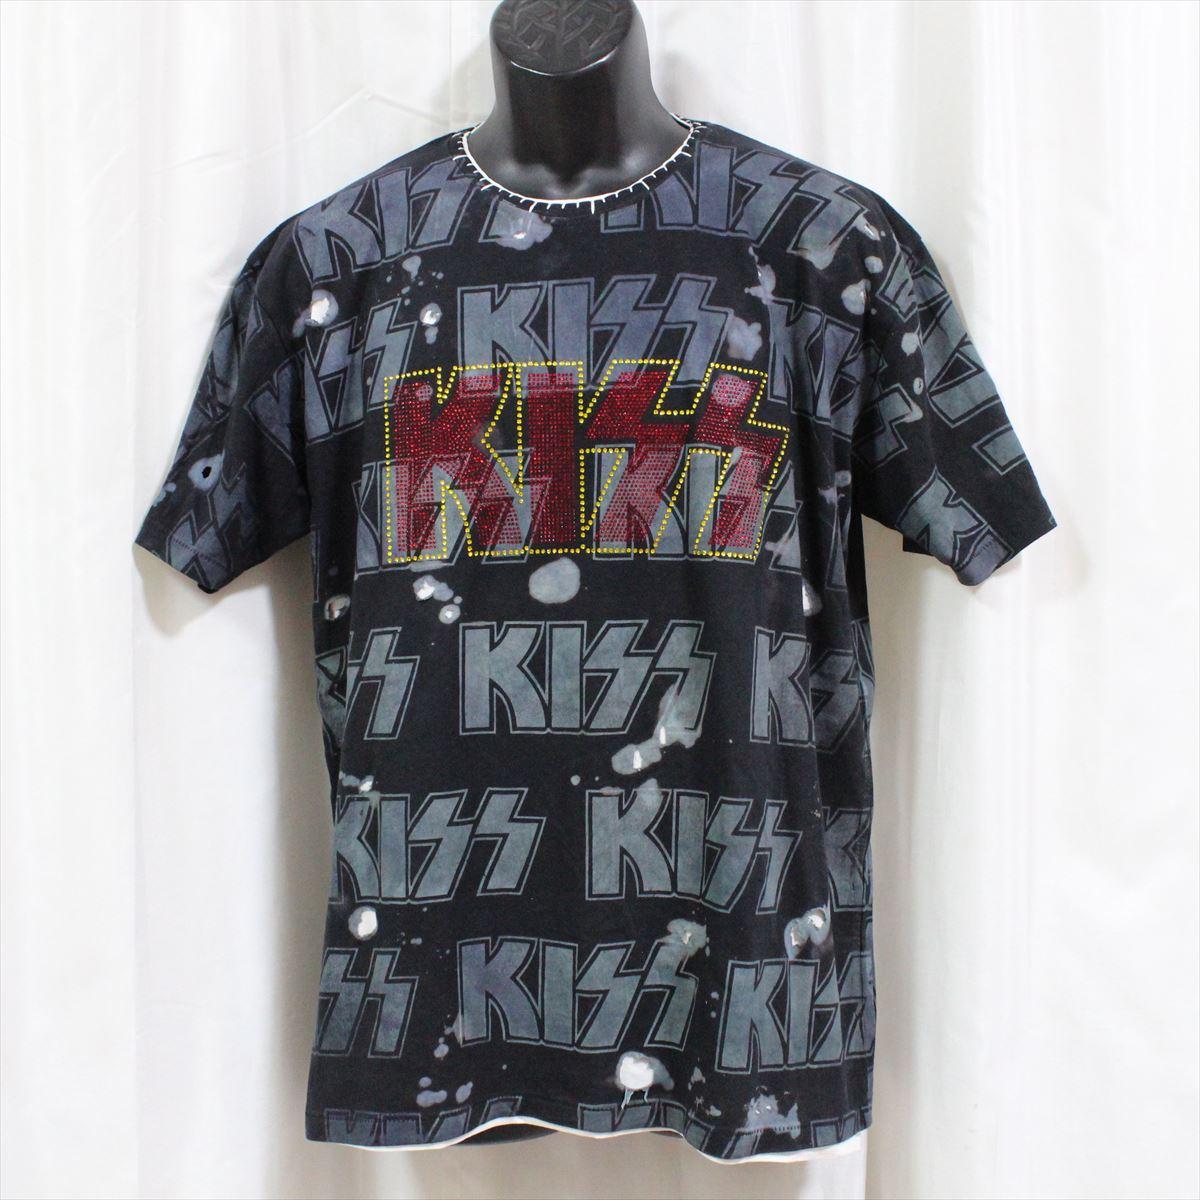 【送料無料】サディスティックアクション SADISTIC ACTION アイコニック ICONIC COUTURE メンズ半袖Tシャツ KISS 新品 黒 アメリカ製